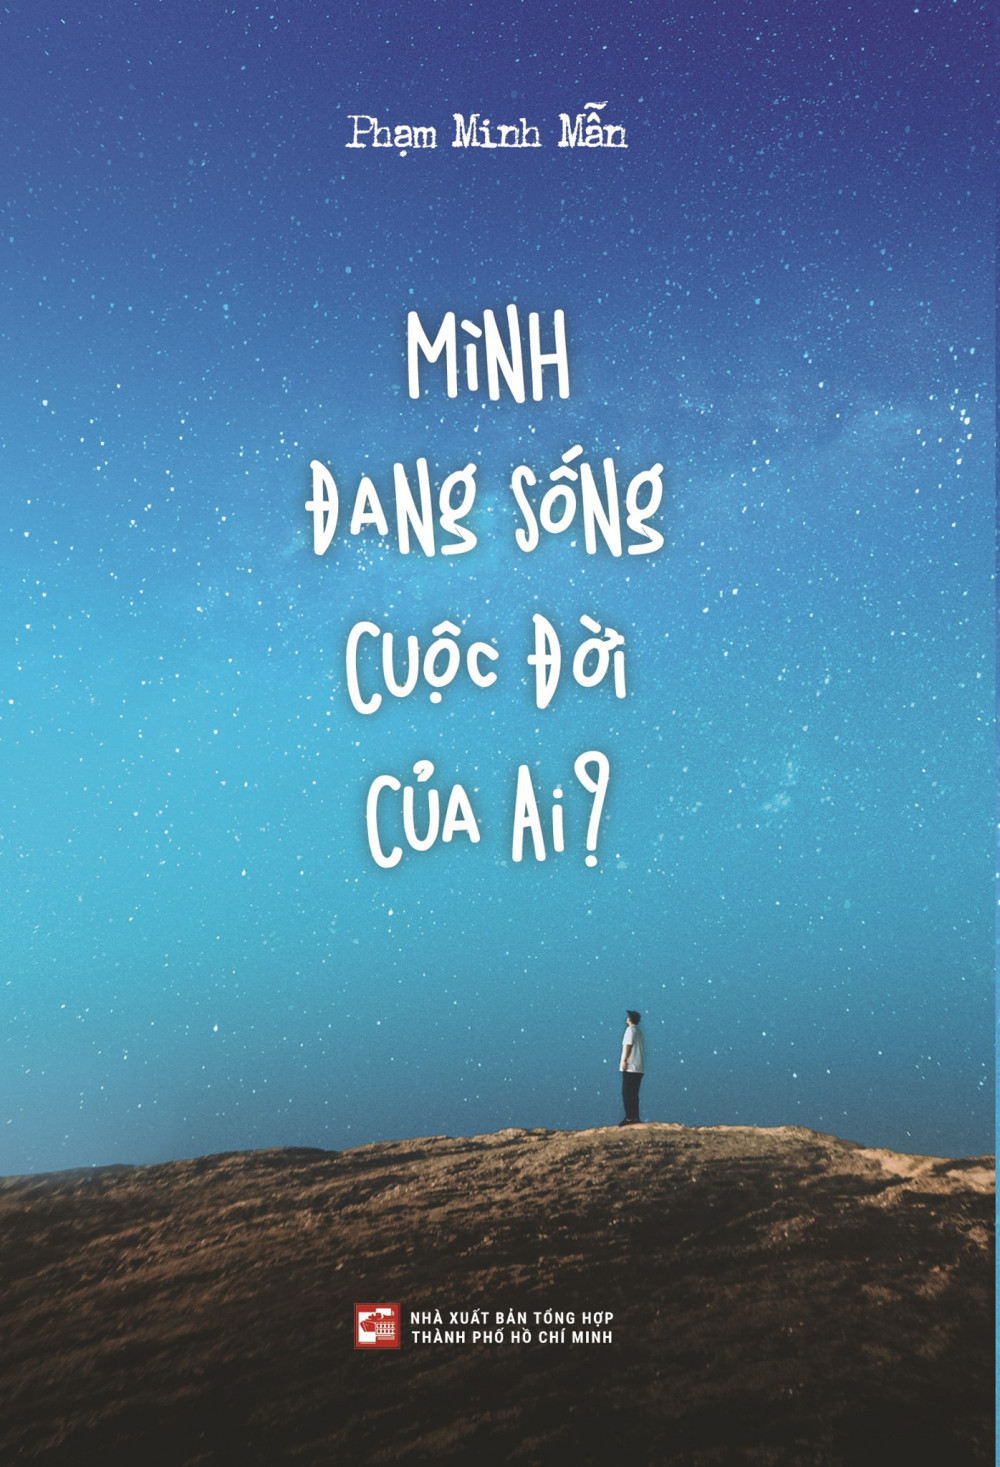 Tập tản văn của tác giả Phạm Minh Mẫn được bạn trẻ yêu thích